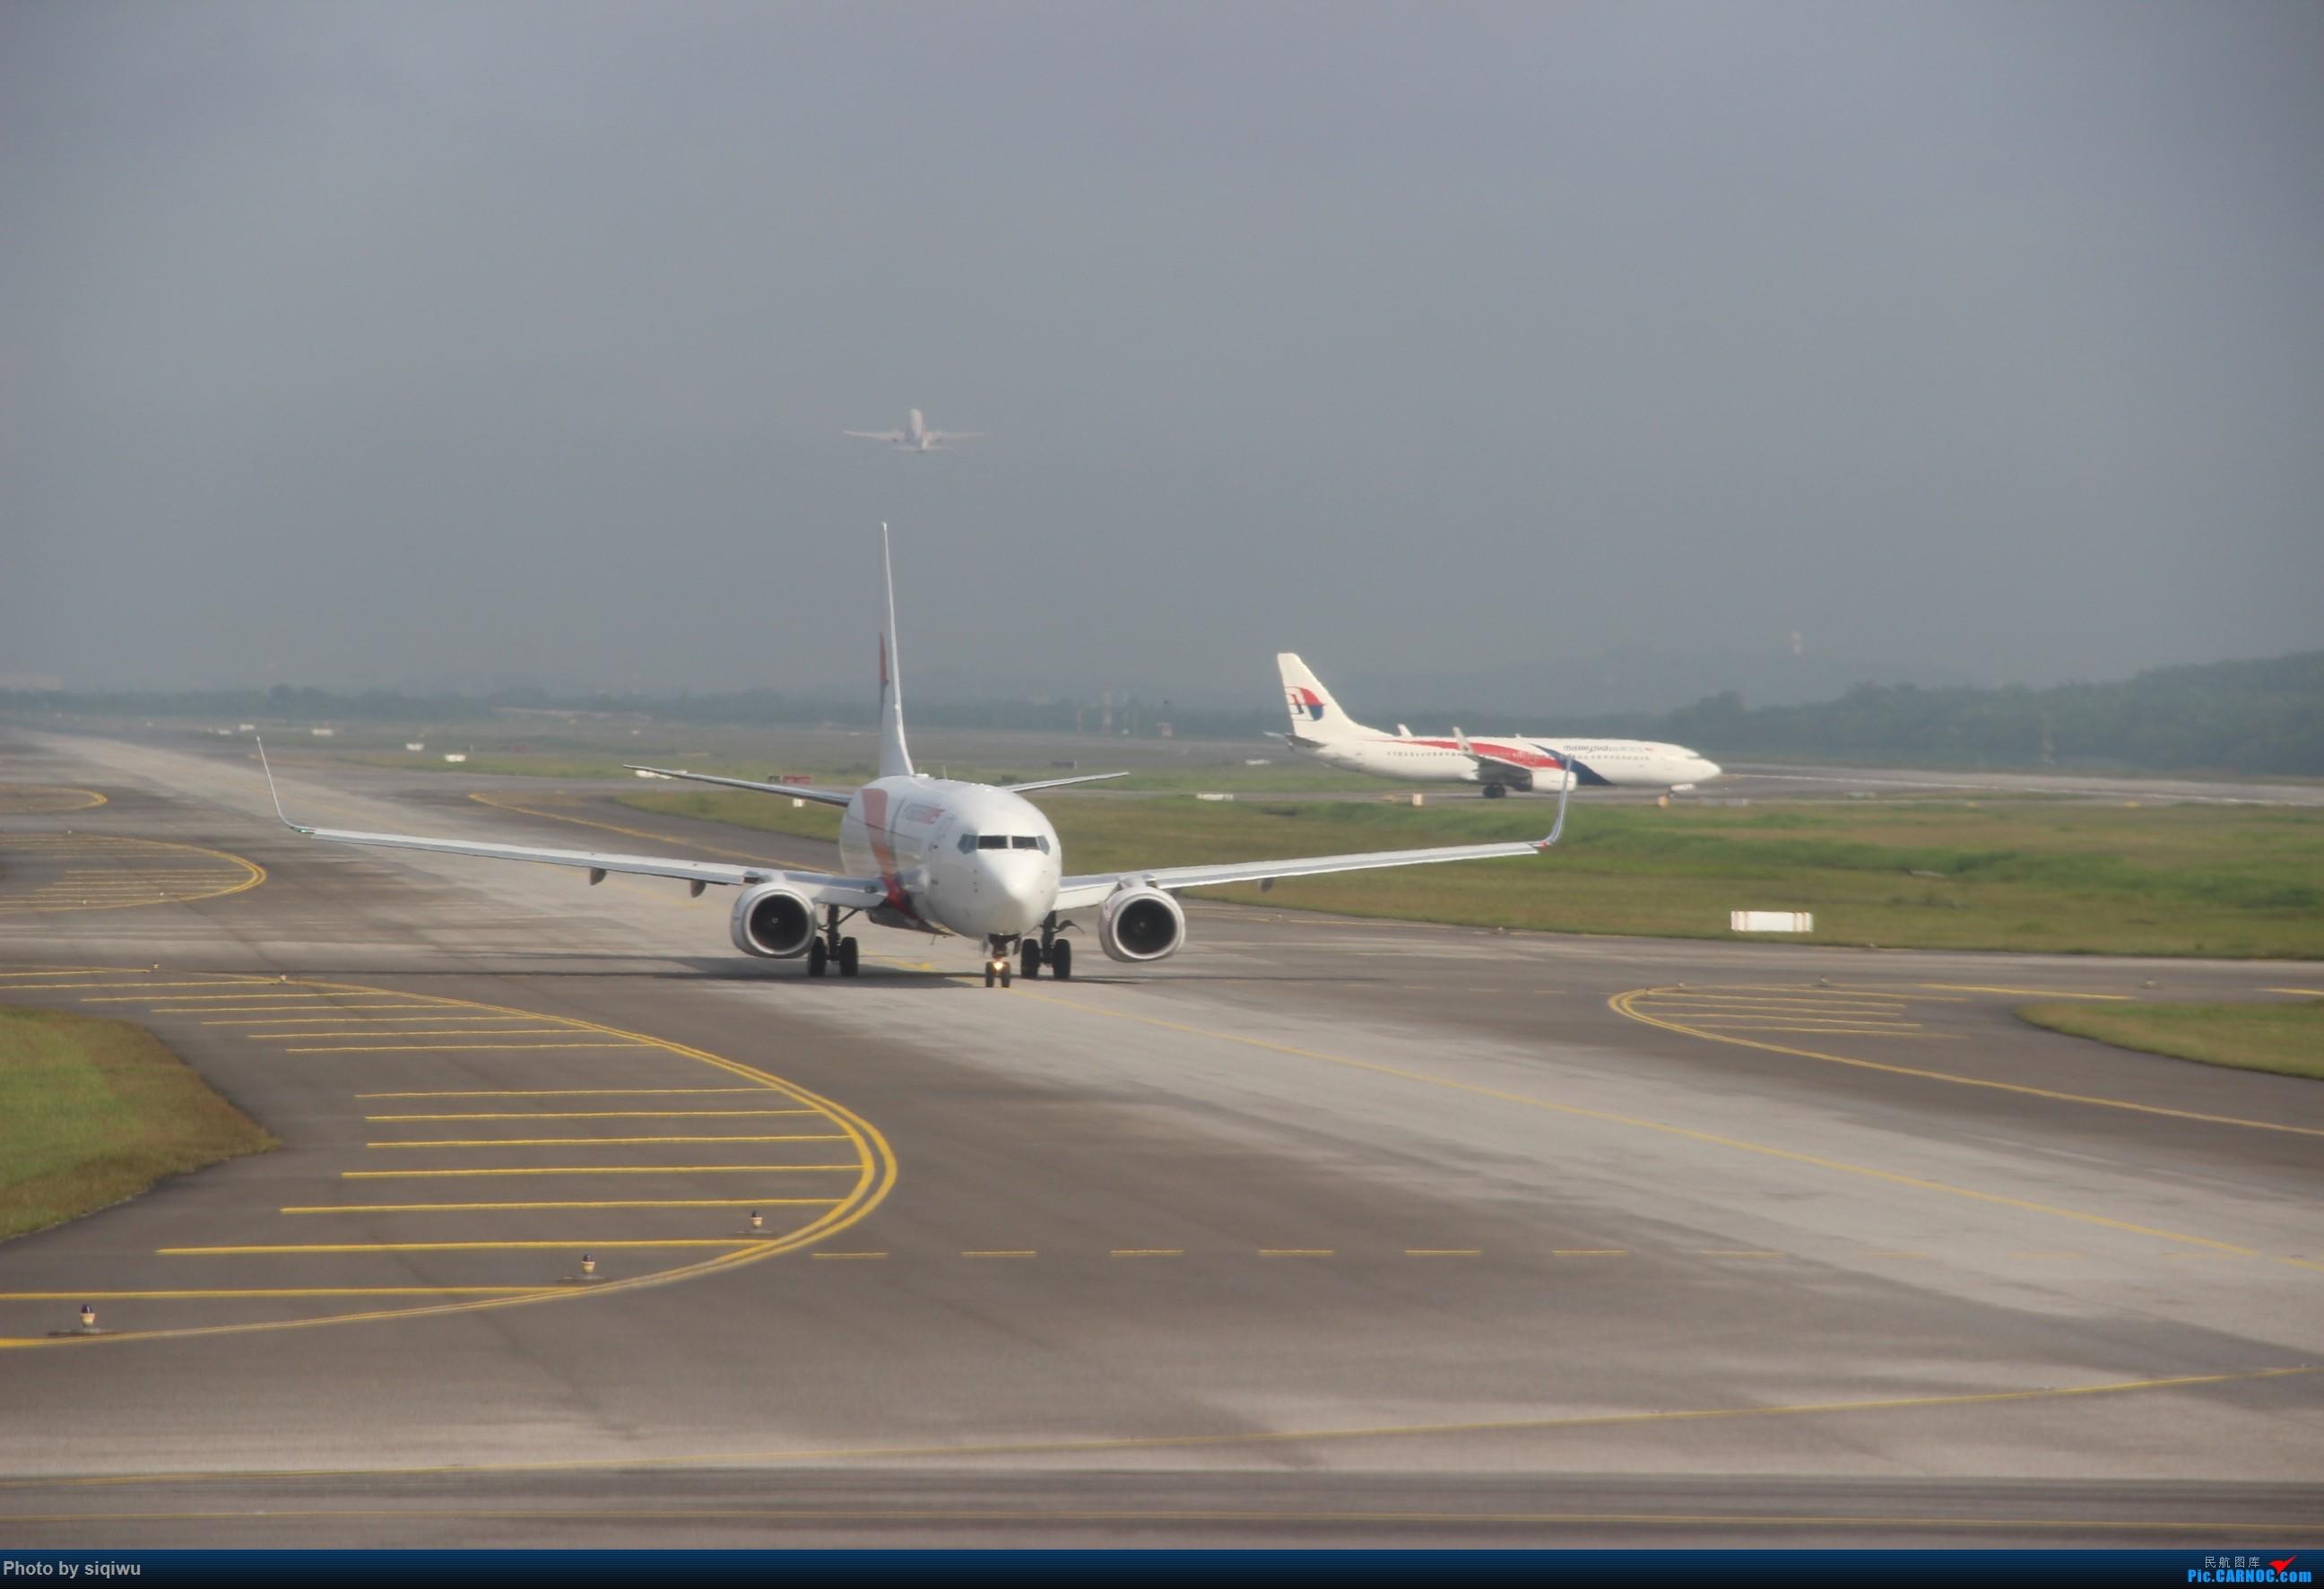 Re:[原创]PVG-HKG-KUL-HKG-PVG 四天往返,CX/KA BOEING 737-800  马来西亚吉隆坡国际机场